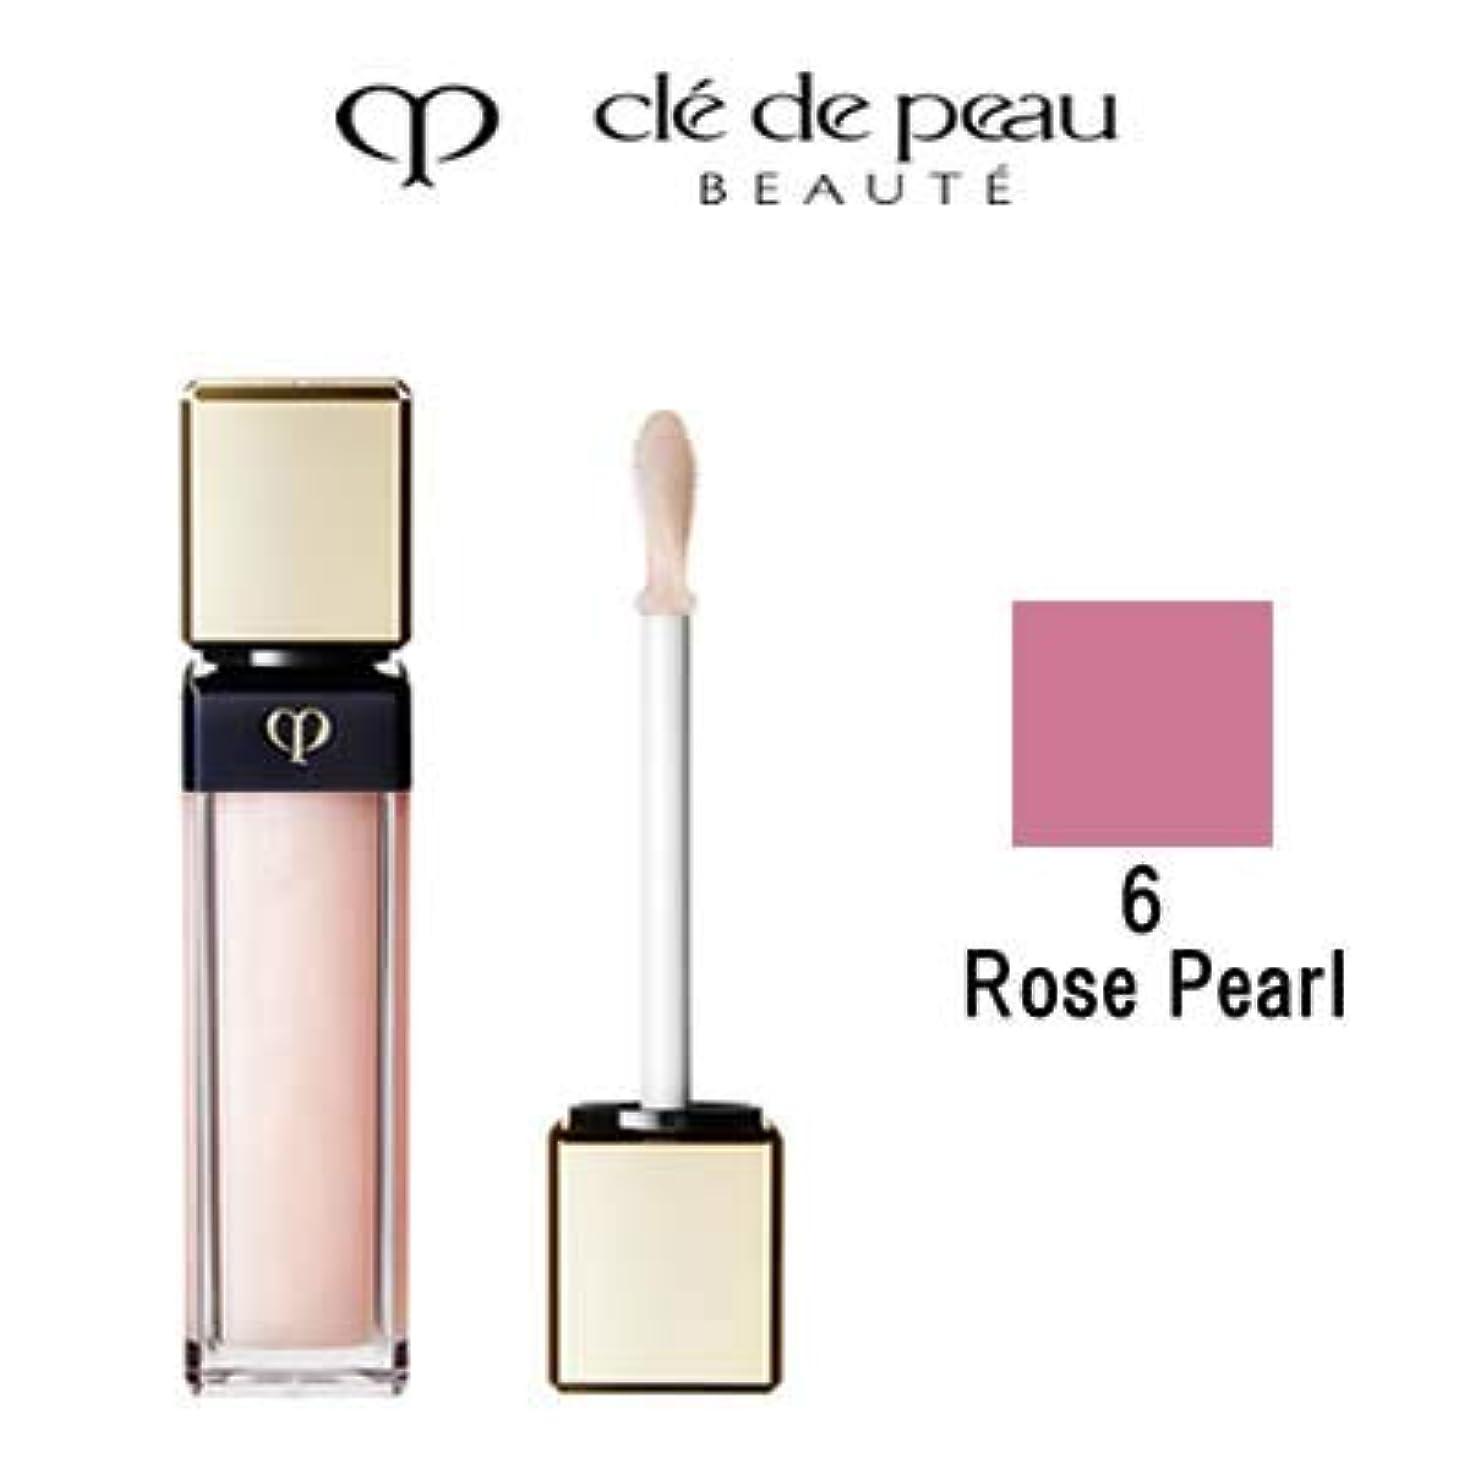 銀行測るルーキー資生堂 クレドポーボーテ ブリアンアレーブルエクラ 6 Rose Pearl